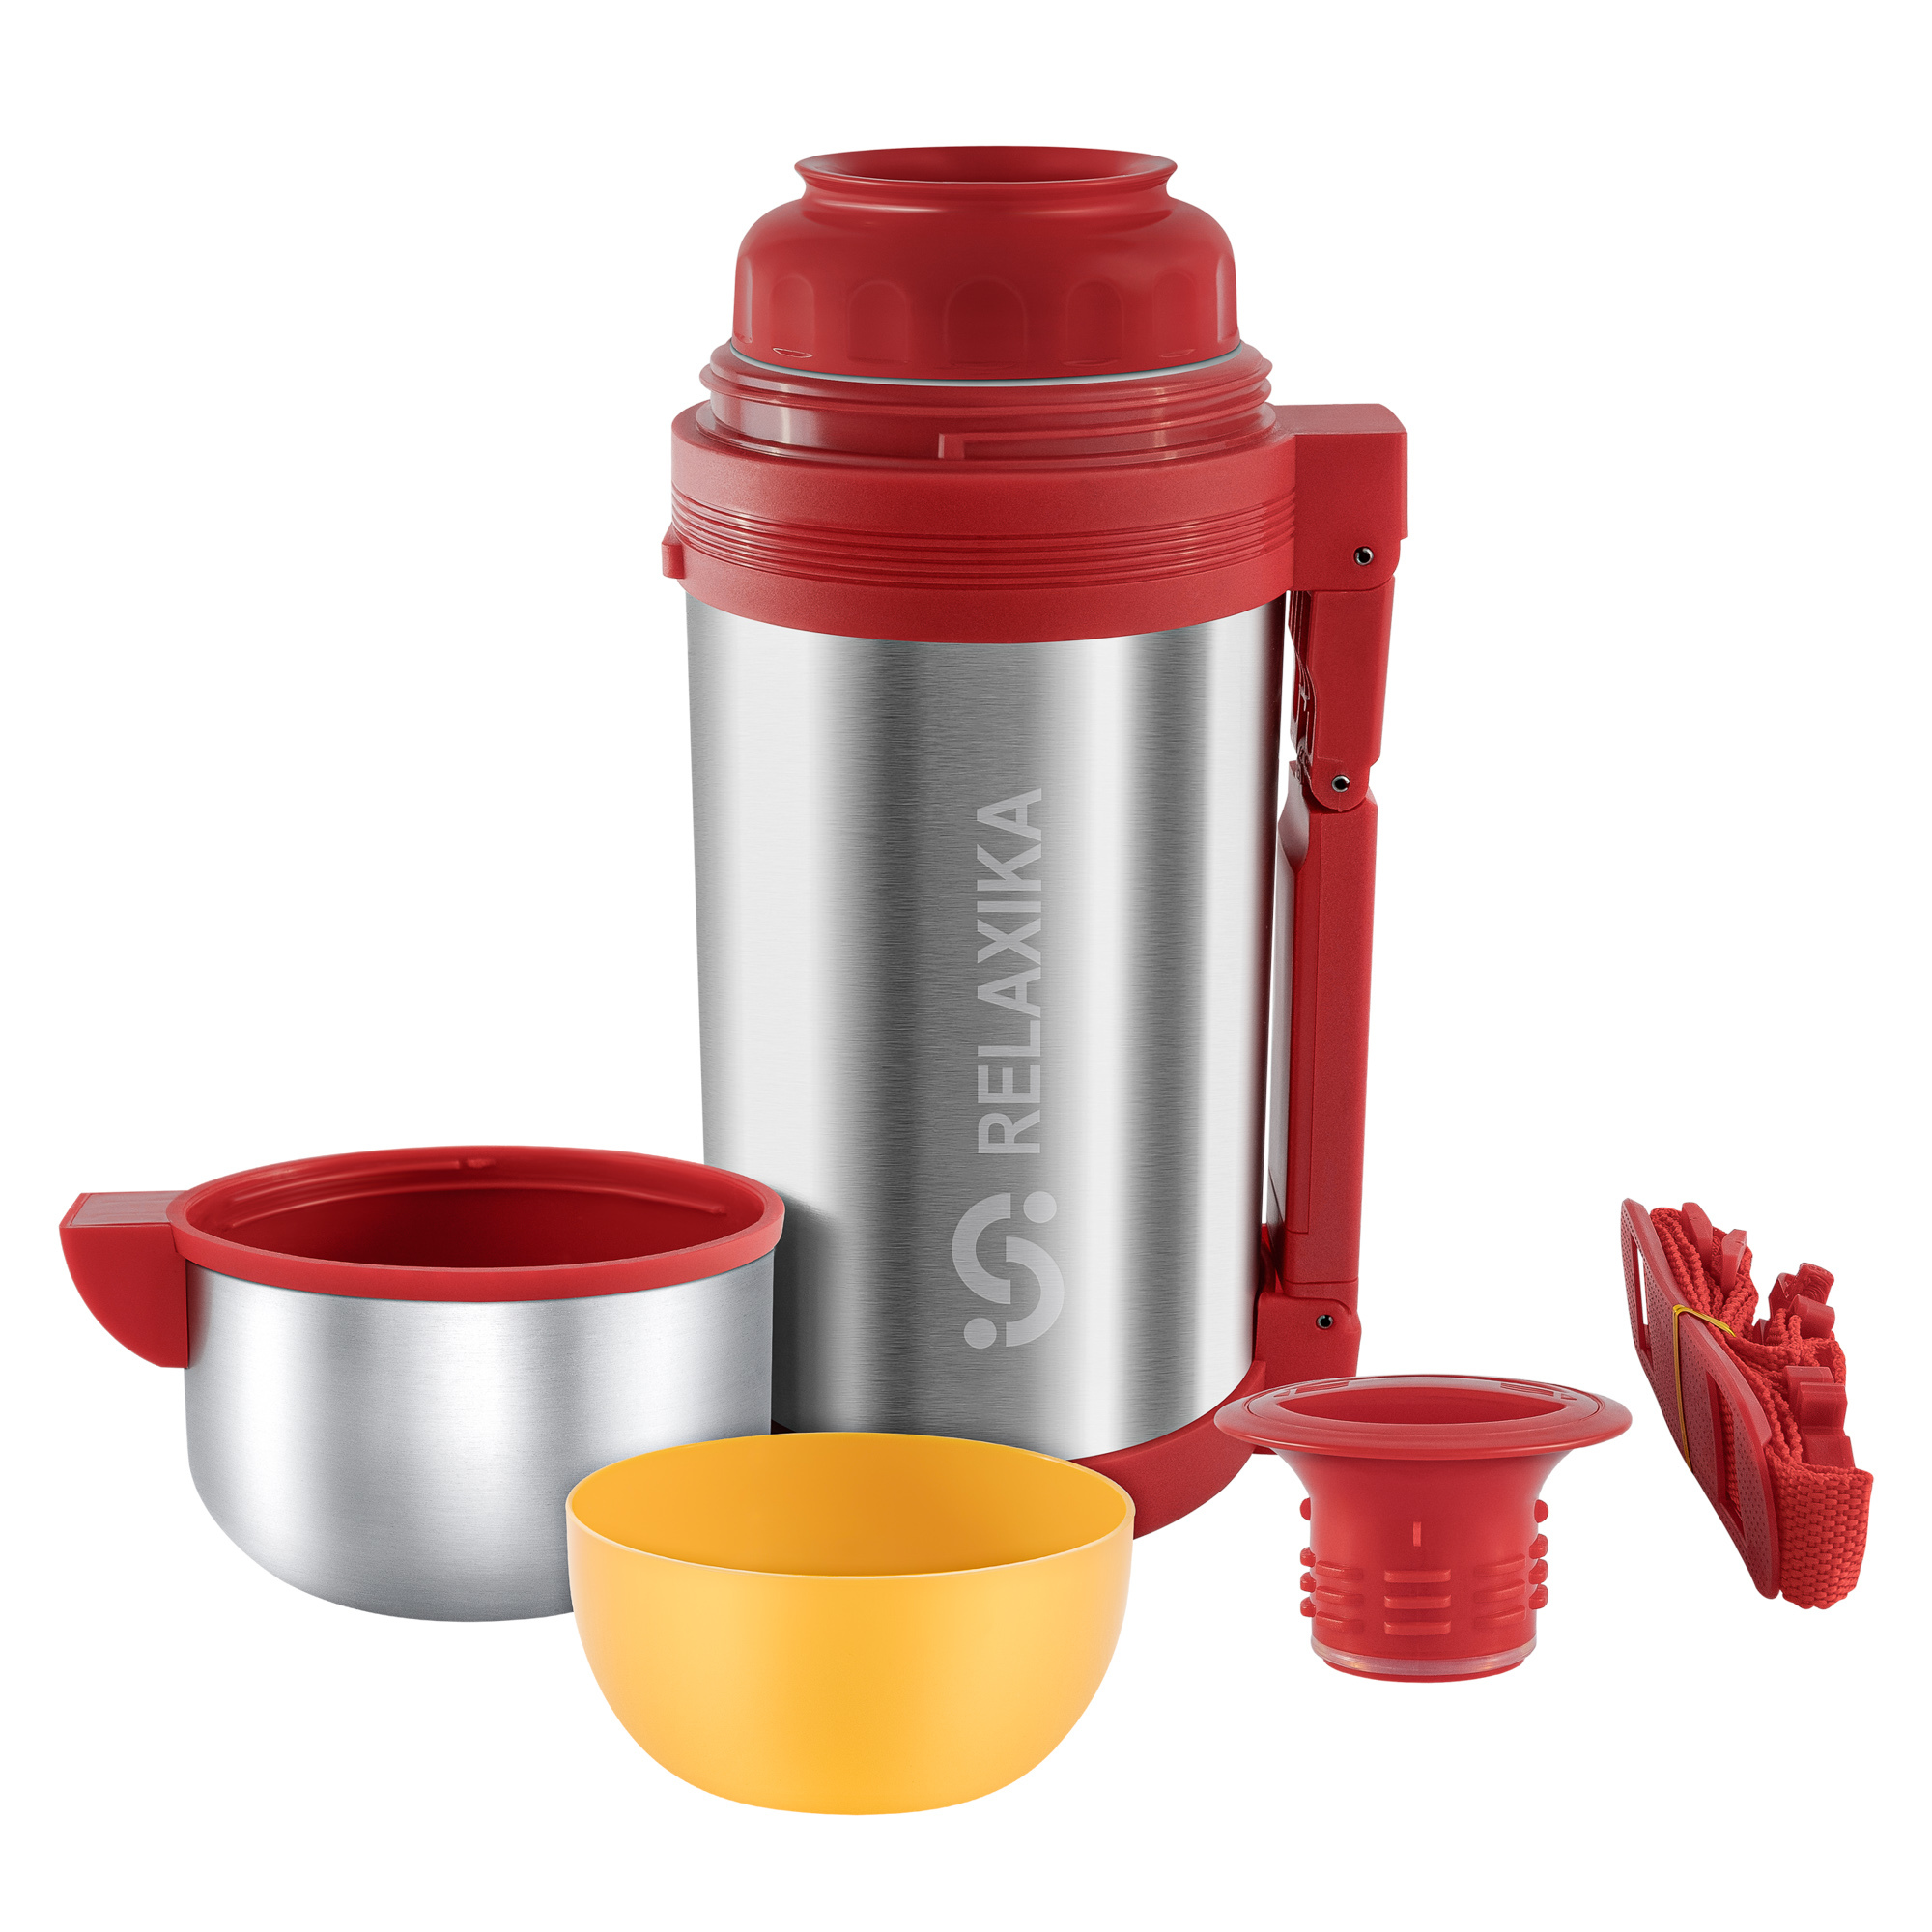 Термос универсальный (для еды и напитков) Relaxika 201 (1,2 литра), стальной